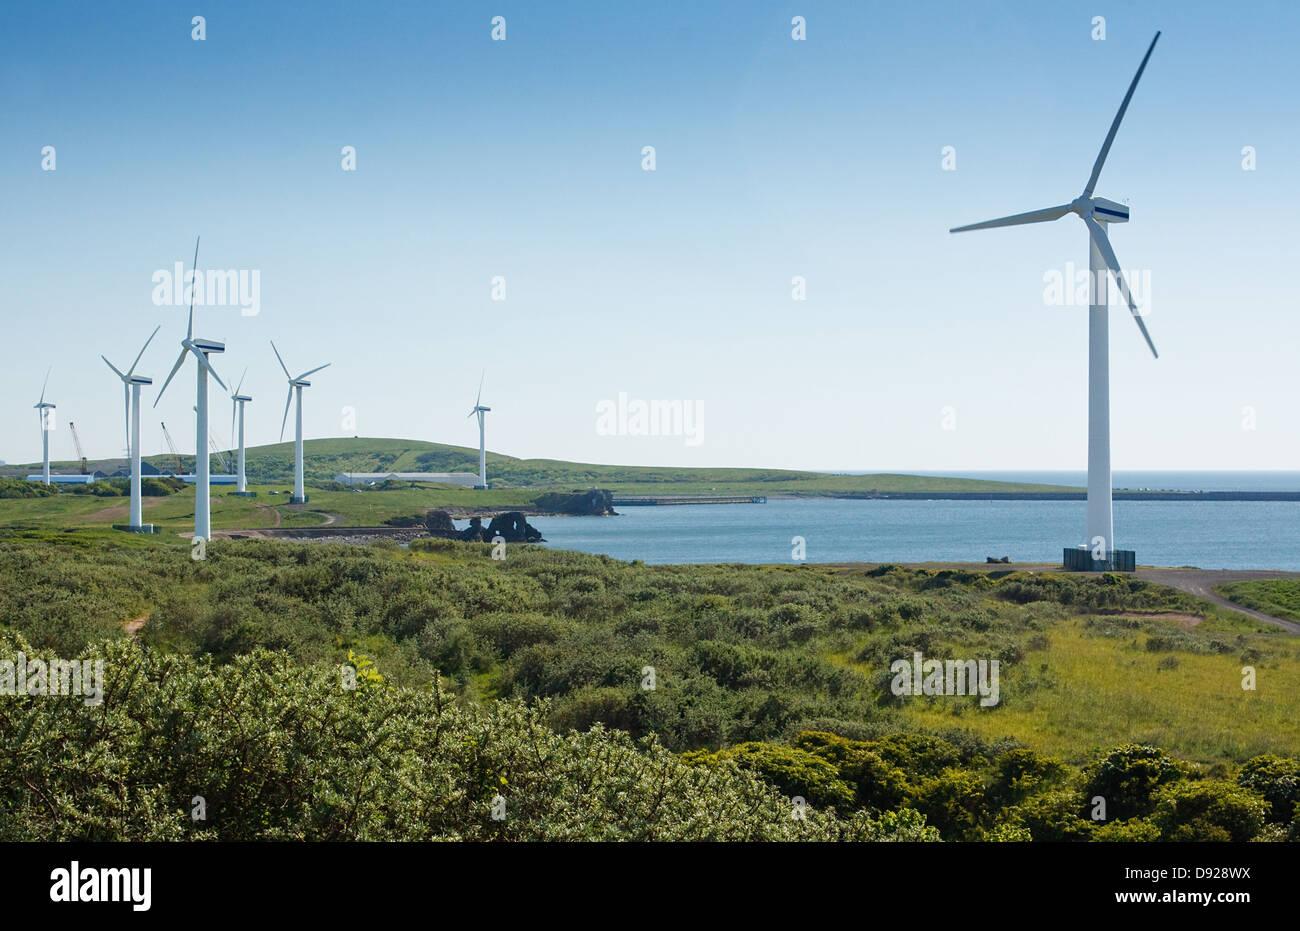 Küsten Windpark verwendet, um erneuerbare Windenergie in mechanische Energie zur Stromerzeugung zu nutzen. Stockbild